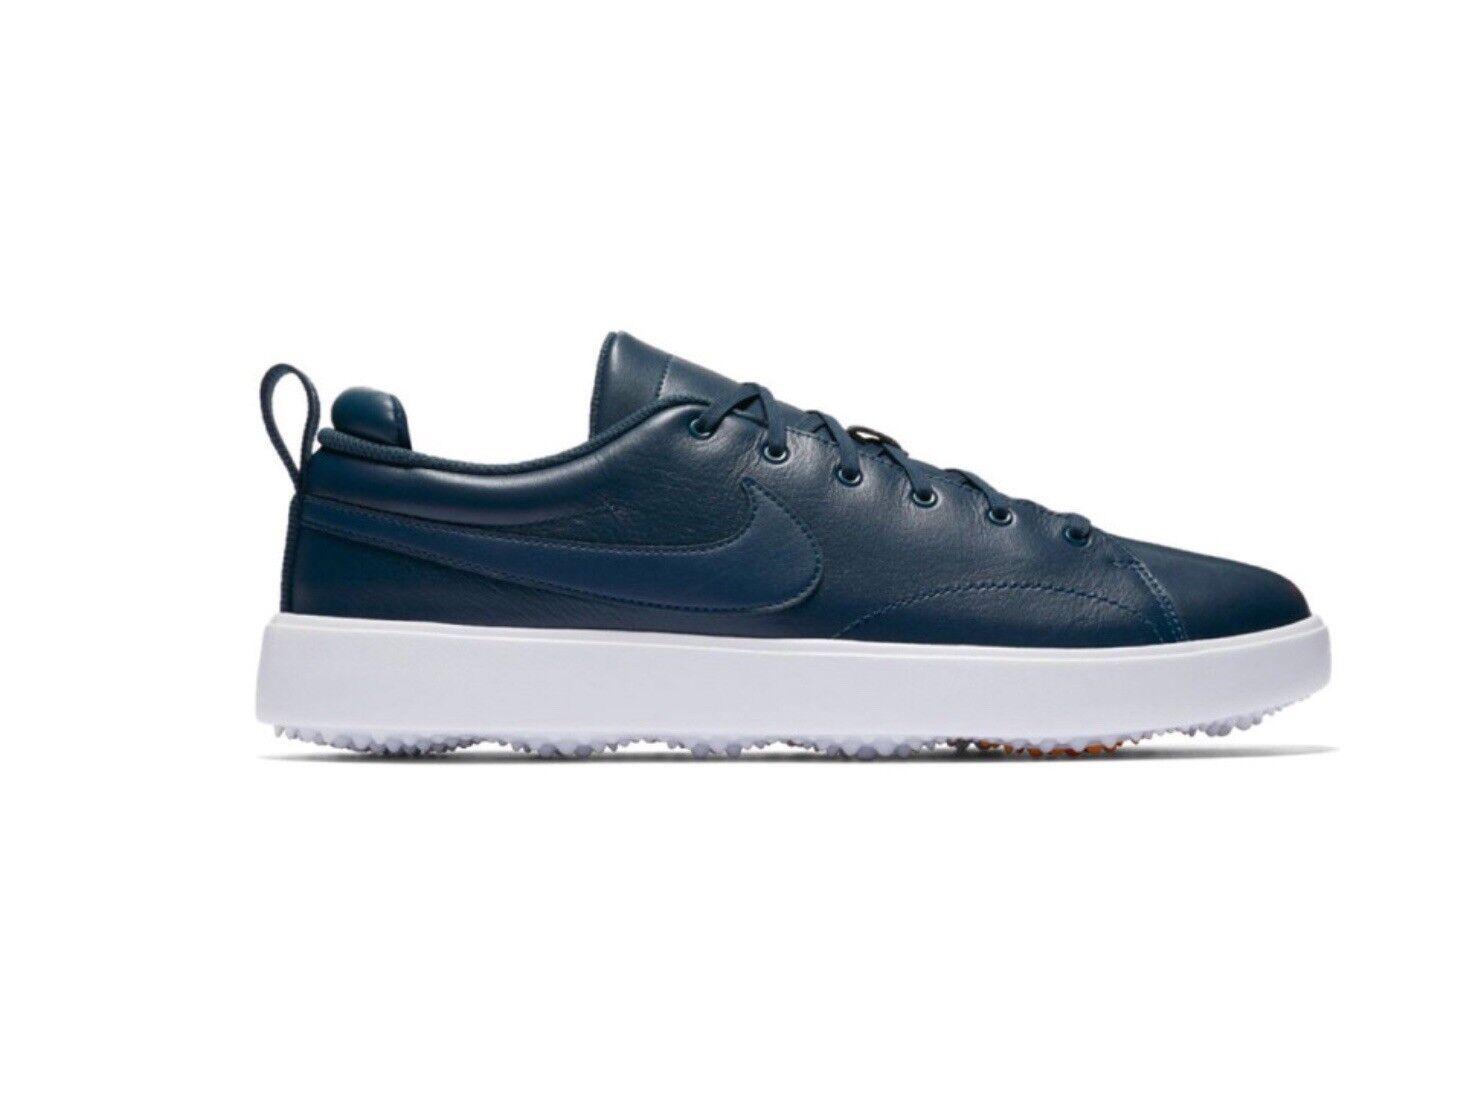 Nike classico corso corso corso - 905232 400   Adatto per il colore  9f6d12